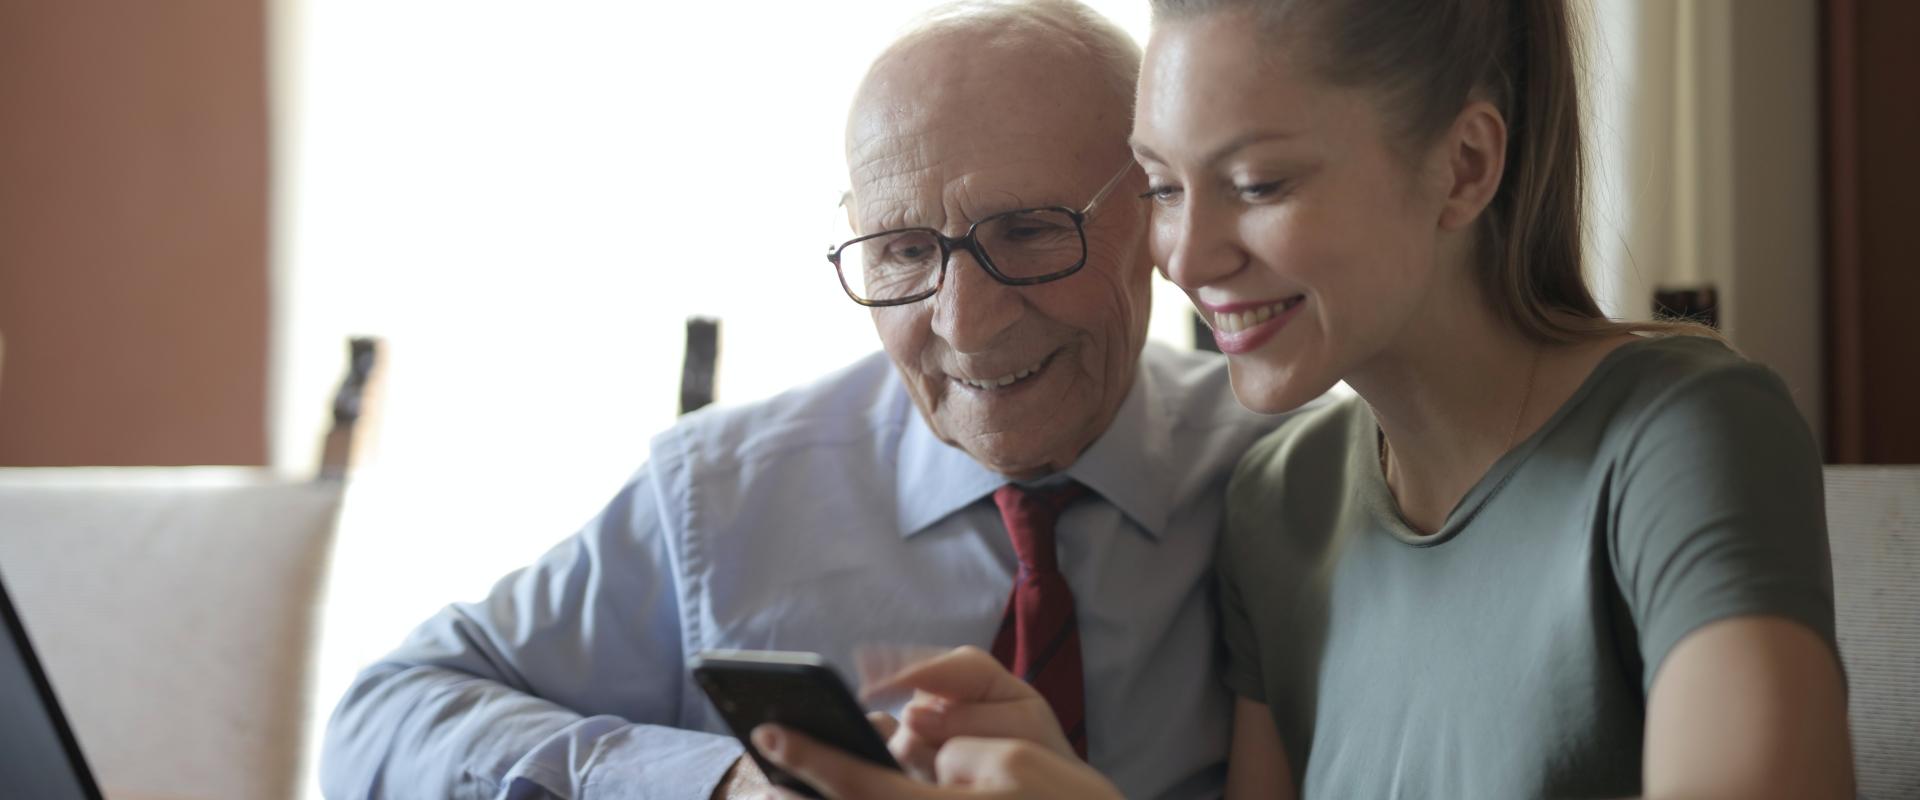 Langer thuis blijven wonen dankzij technologie